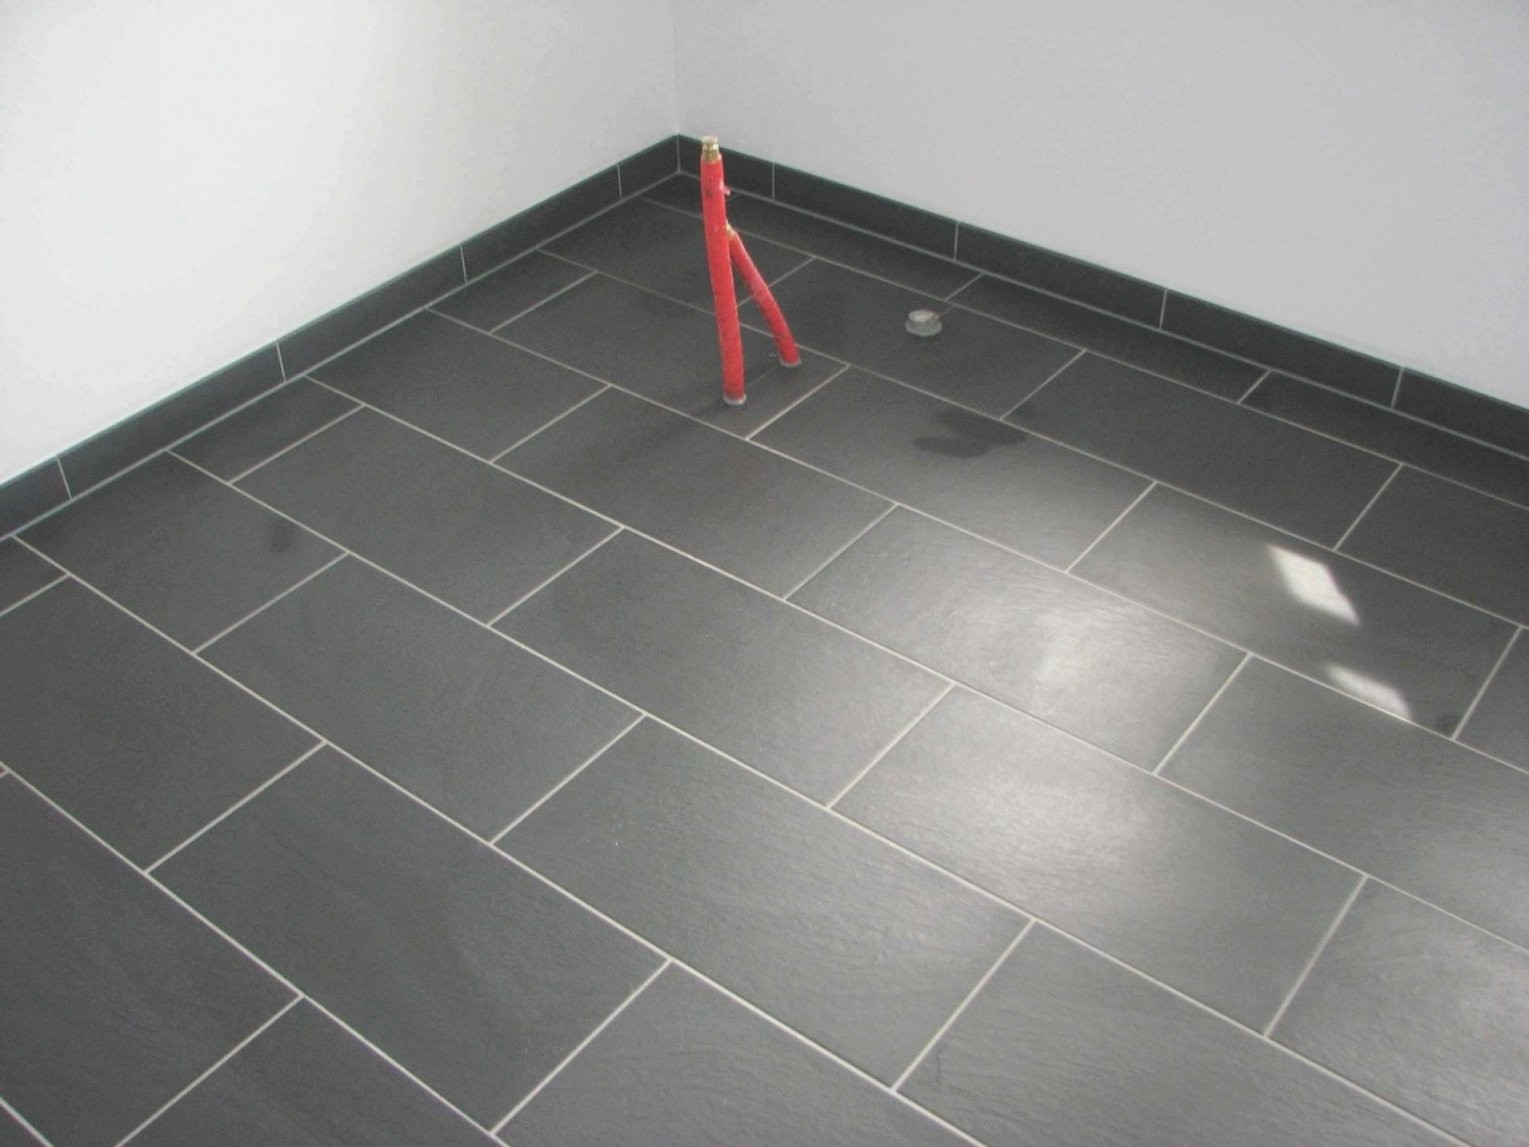 Selbstklebende Pvc Fliesen Stark Treppe Mit Vinyl Bekleben Beste Von von Selbstklebende Pvc Fliesen Für Die Wand Photo